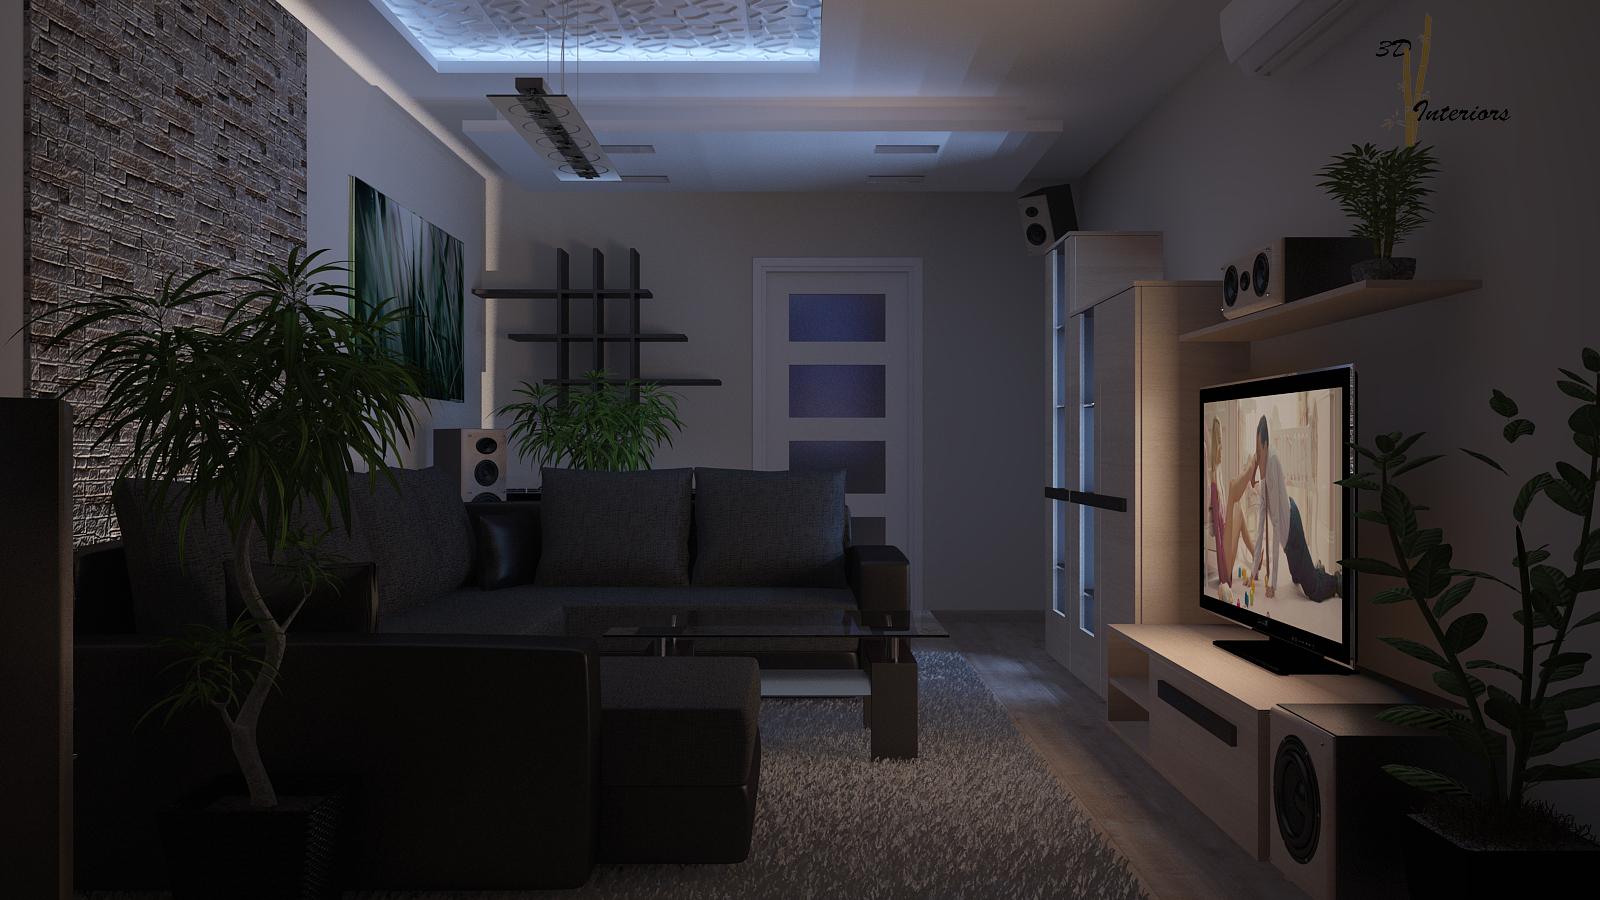 Panel lakás nappali látványterve